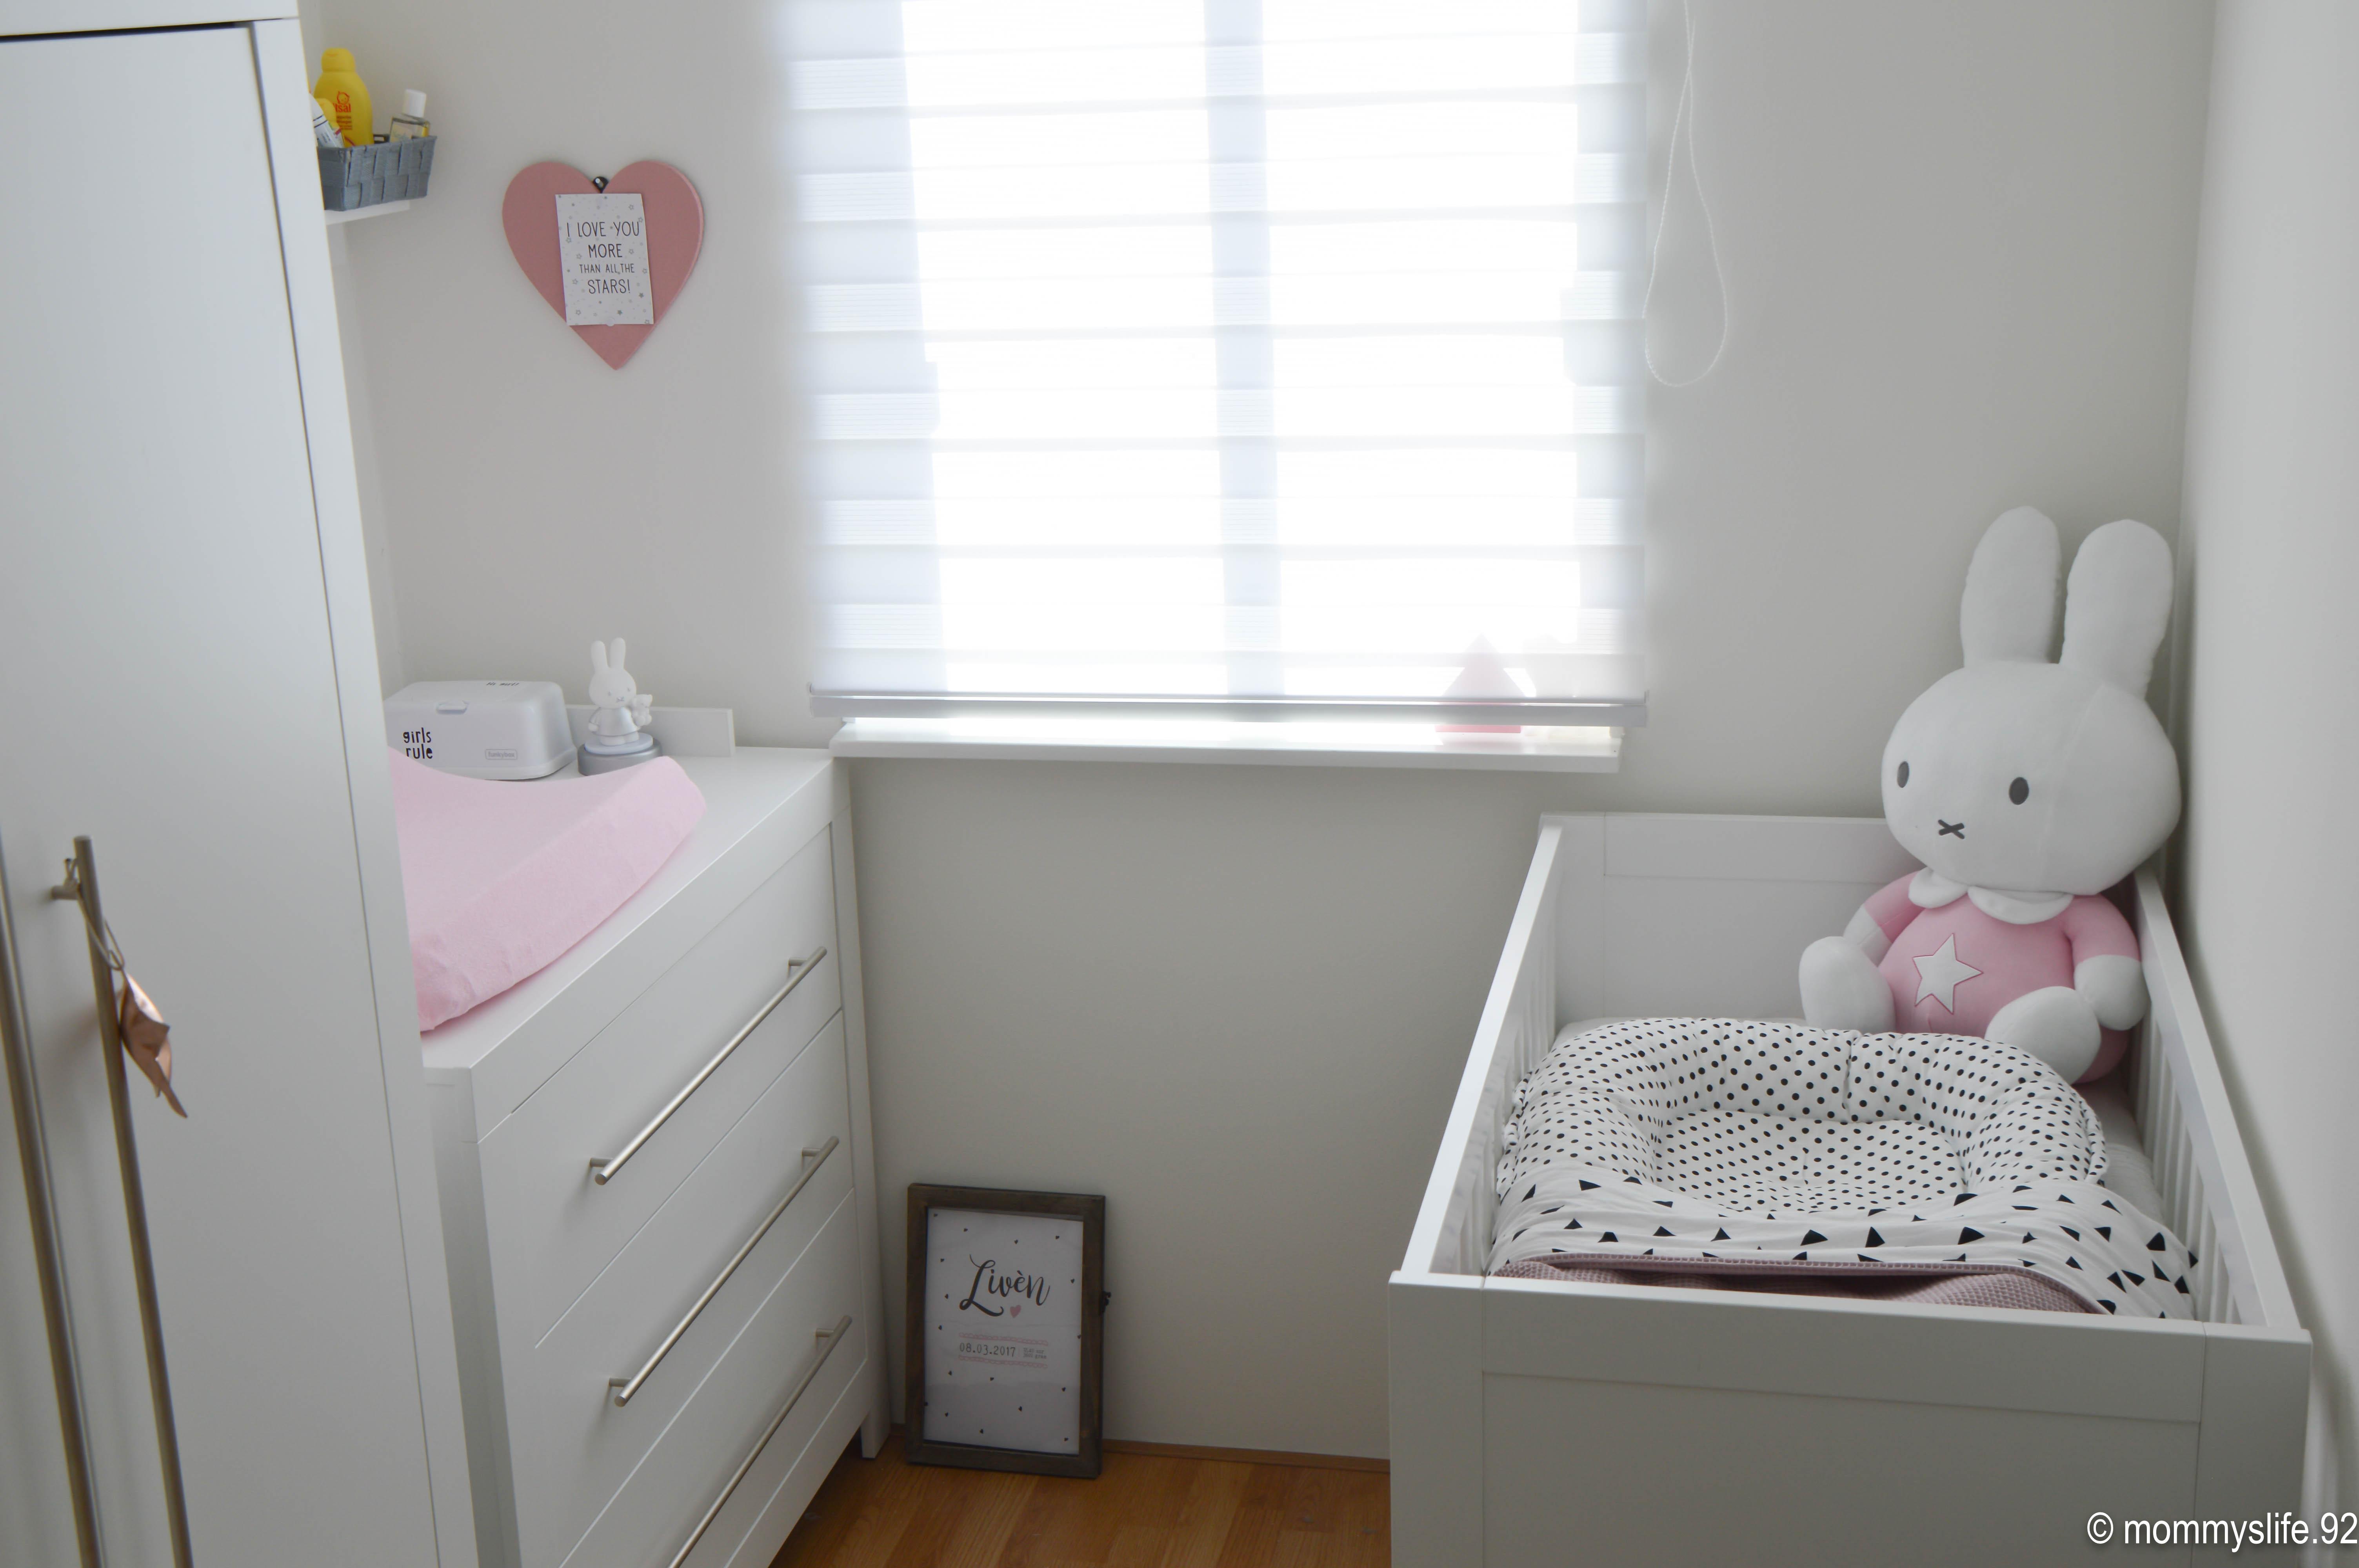 Kleuren Voor Babykamer : Babykamer kleuren kiezen gekleurde verf voor binnen en buiten